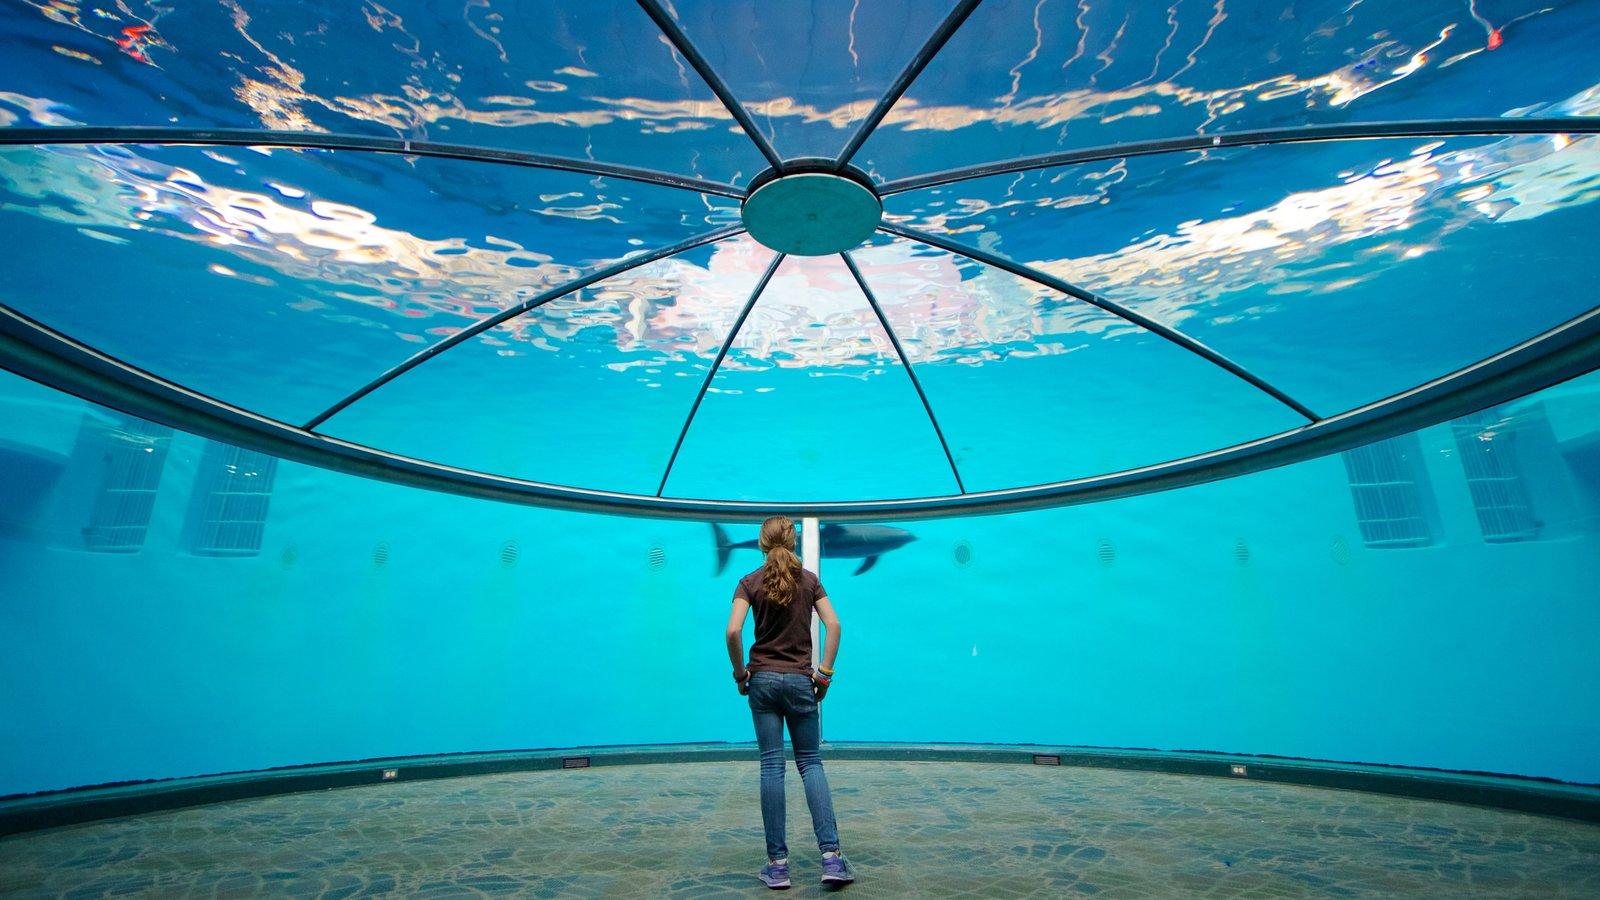 Indianapolis Zoo que incluye vida marina y vistas interiores y también una mujer